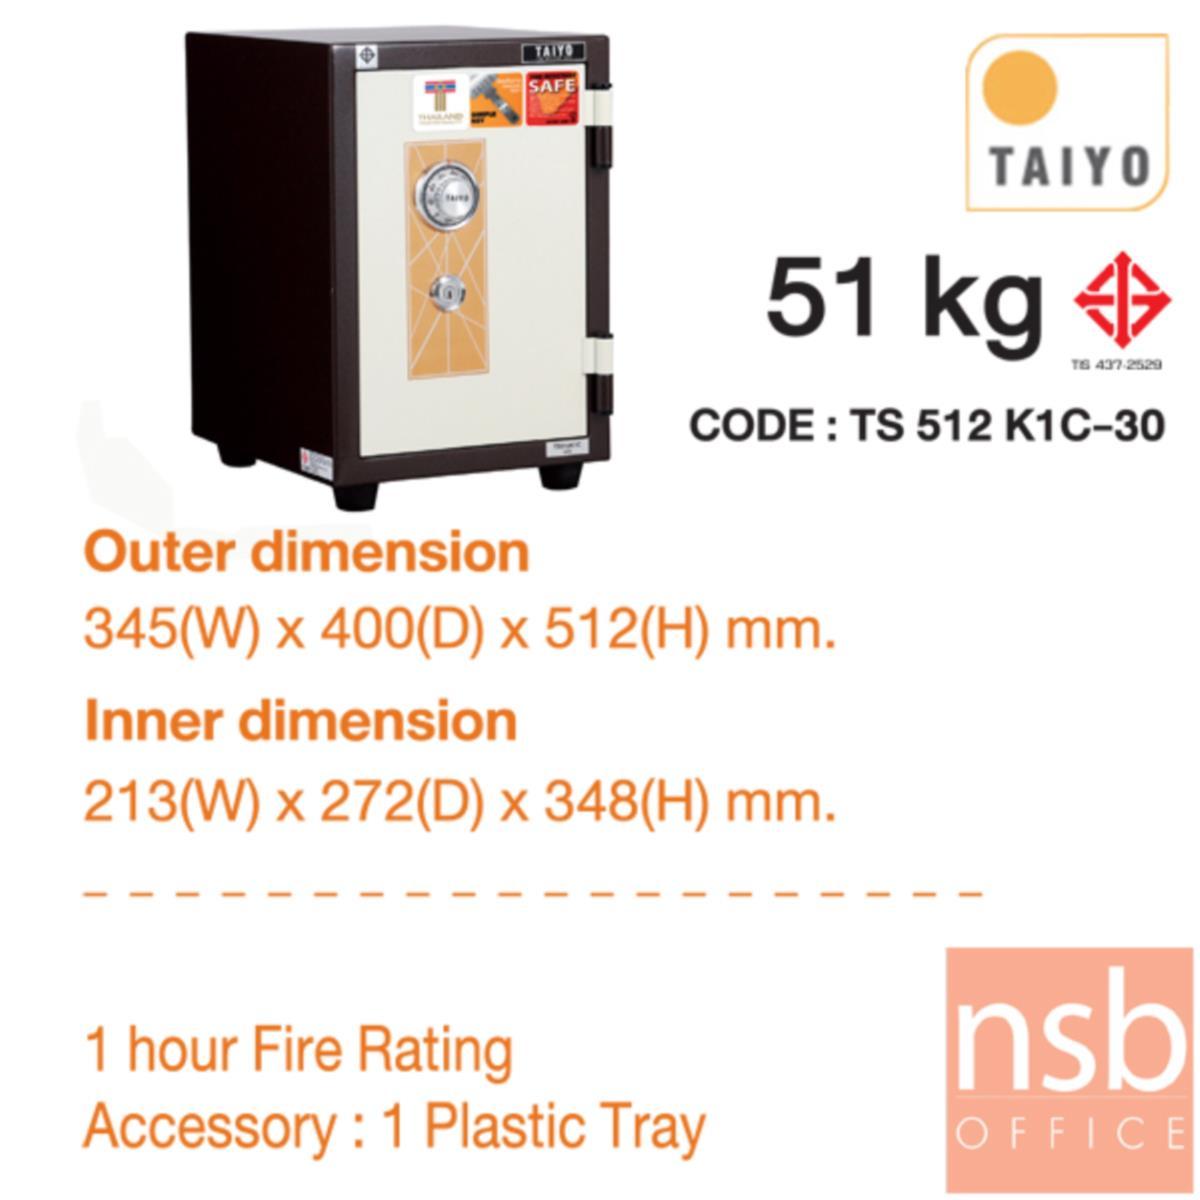 ตู้เซฟ TAIYO รุ่น 51 กก. 1 กุญแจ 1 รหัส (TS512K1C-30)